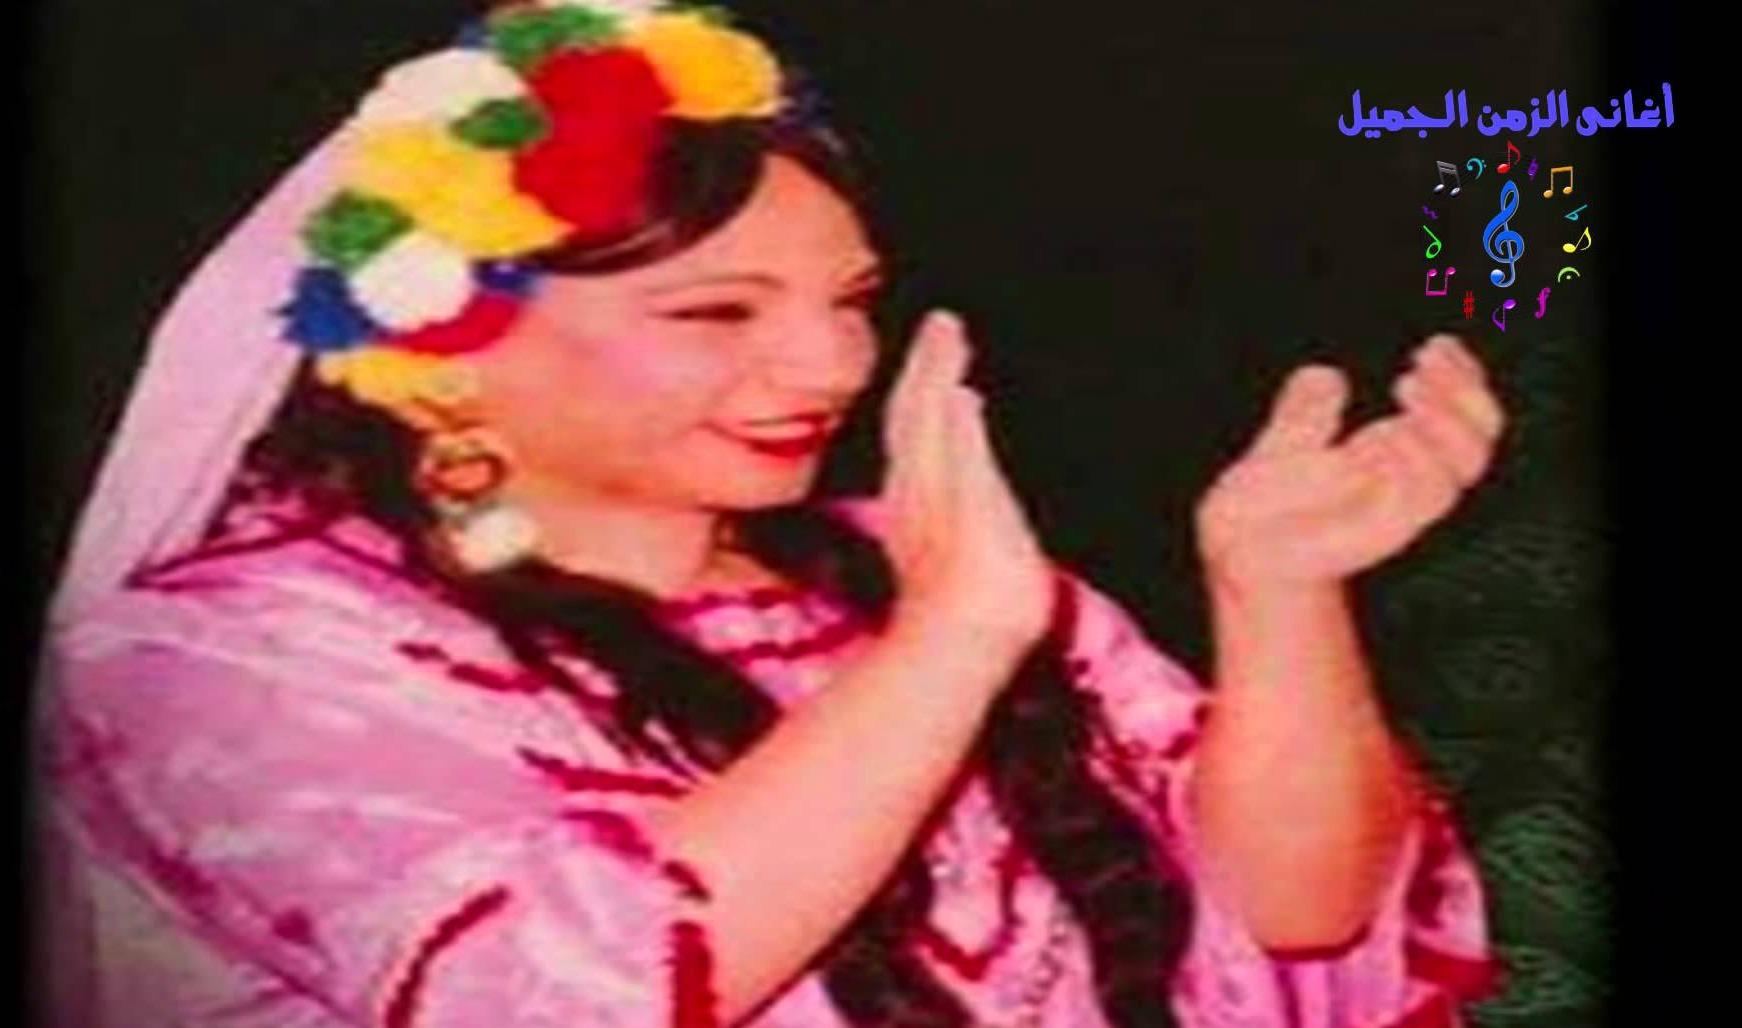 «ملكة البلدي» أيام زمان.. تعرف على المطربة الشعبية فاطمة سرحان